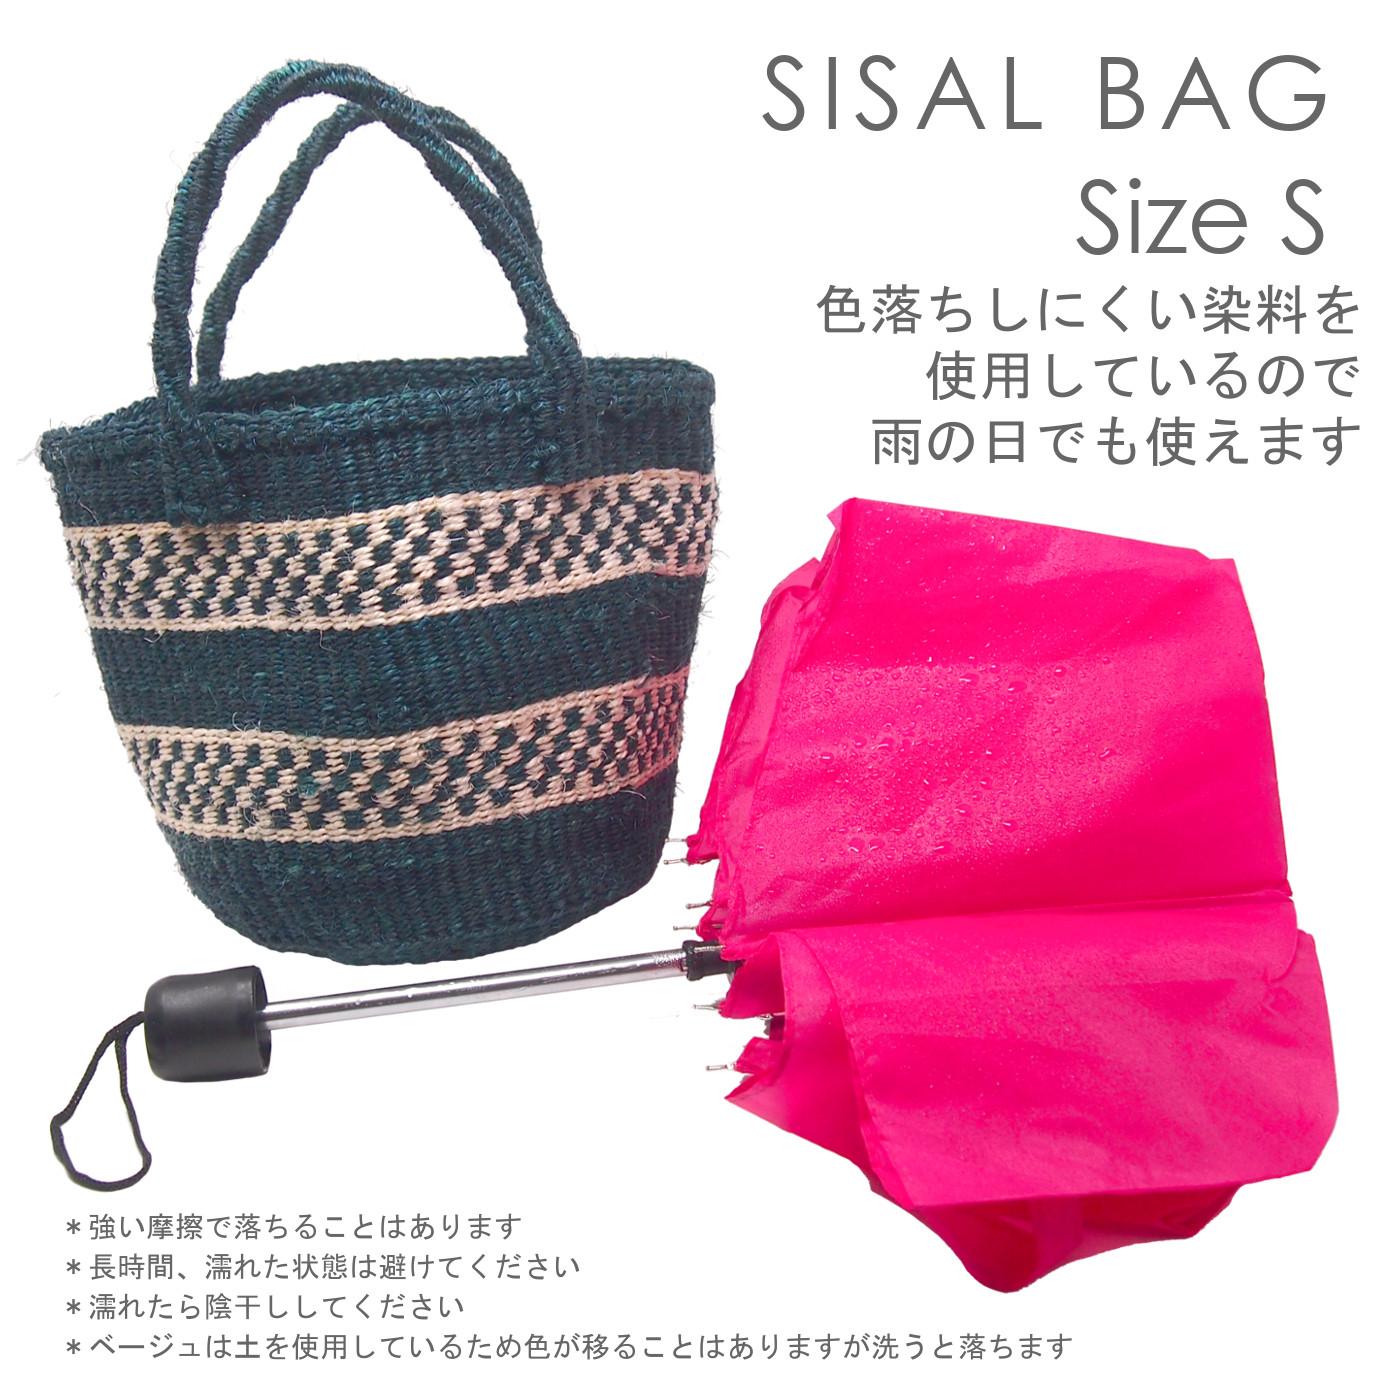 サイザルバッグ Sサイズ ツーピース ナチュラル・ピンク